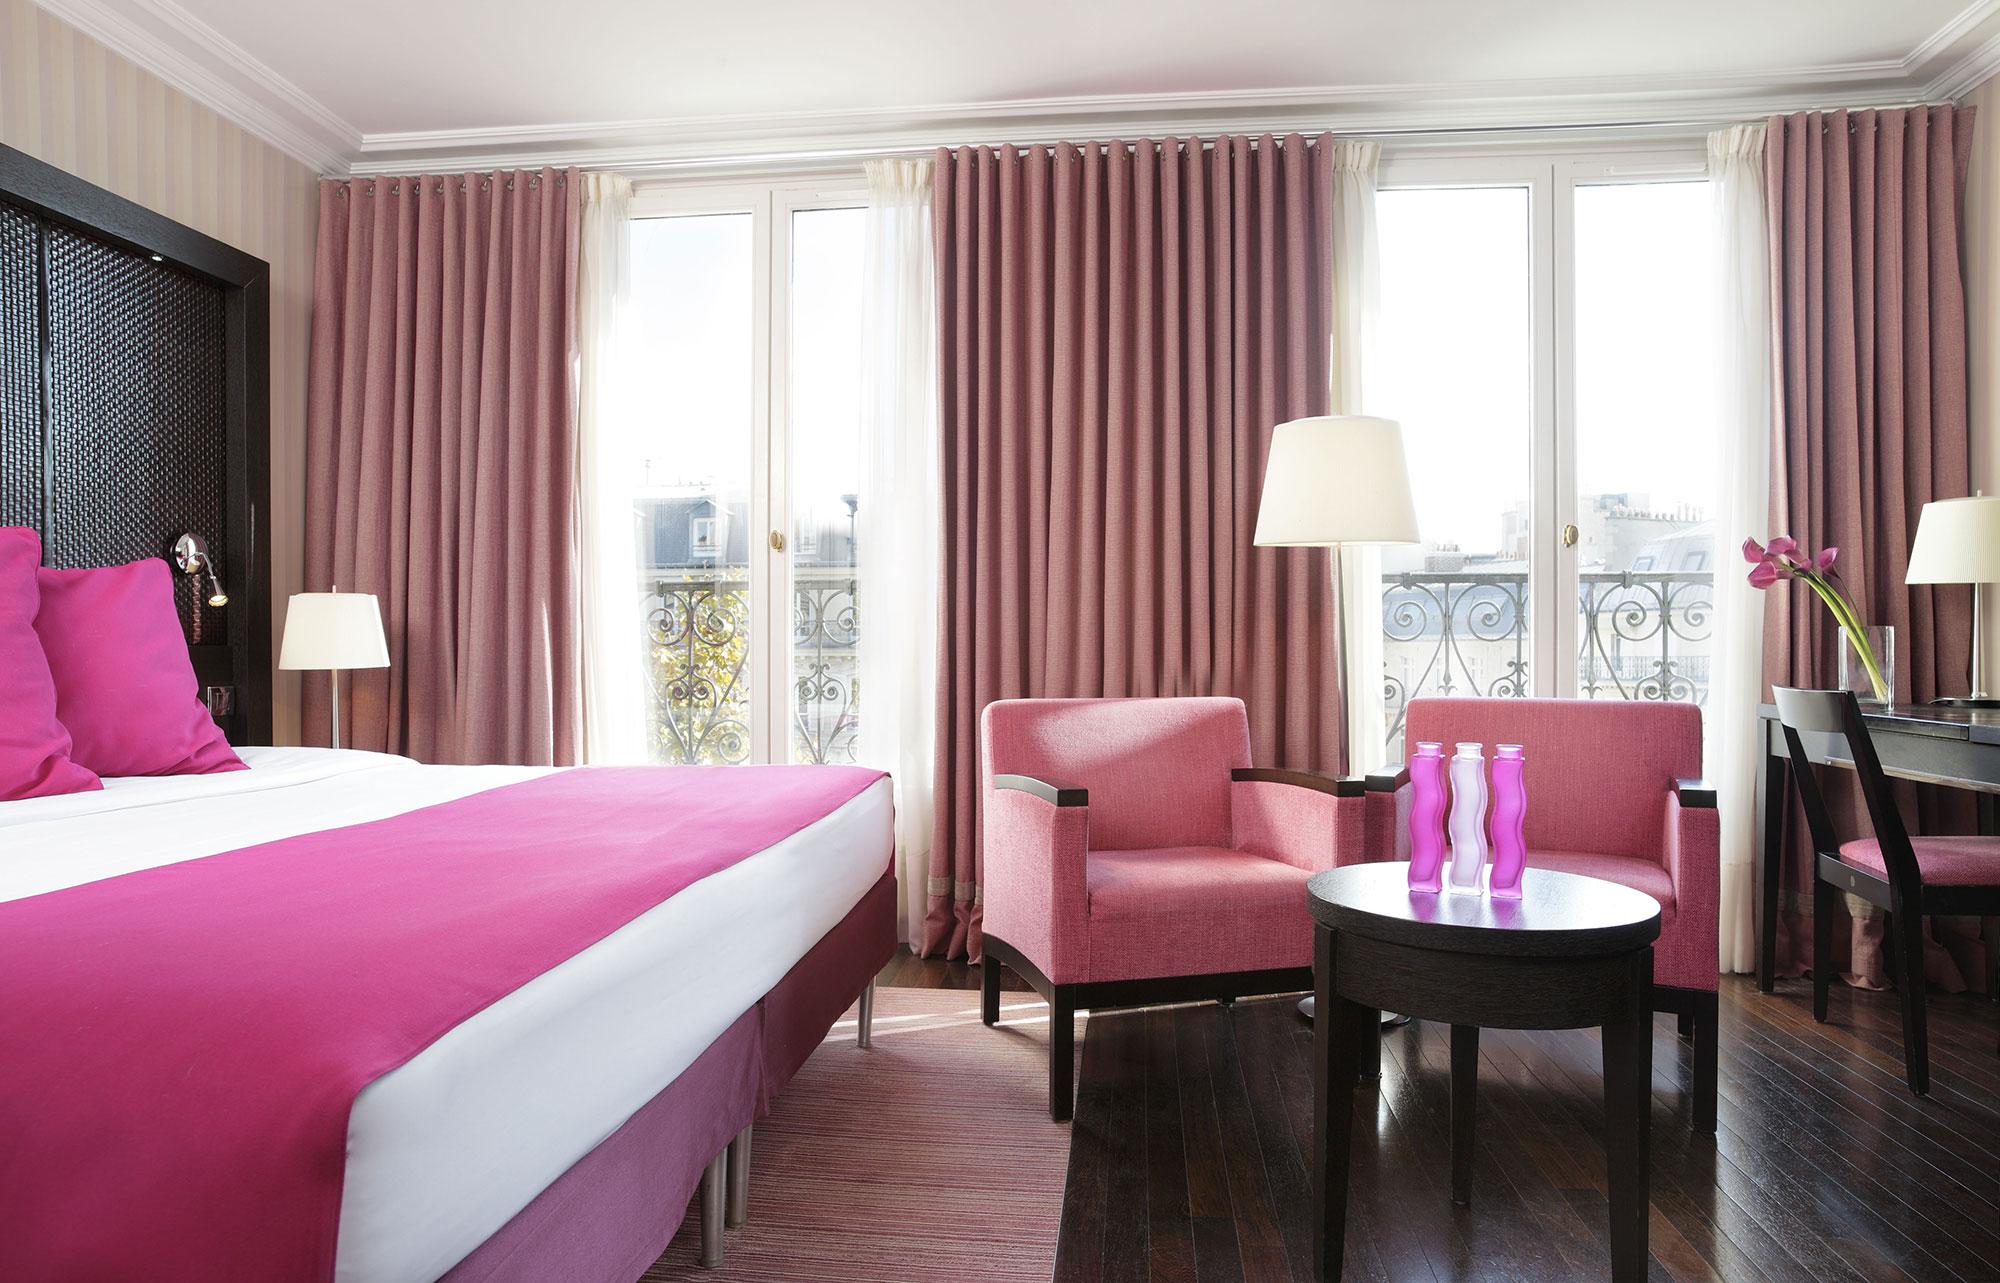 Chambre familiale superieure design hotel regencia paris hotel 4 etoiles champs elysees paris - Hotel chambre familiale paris ...